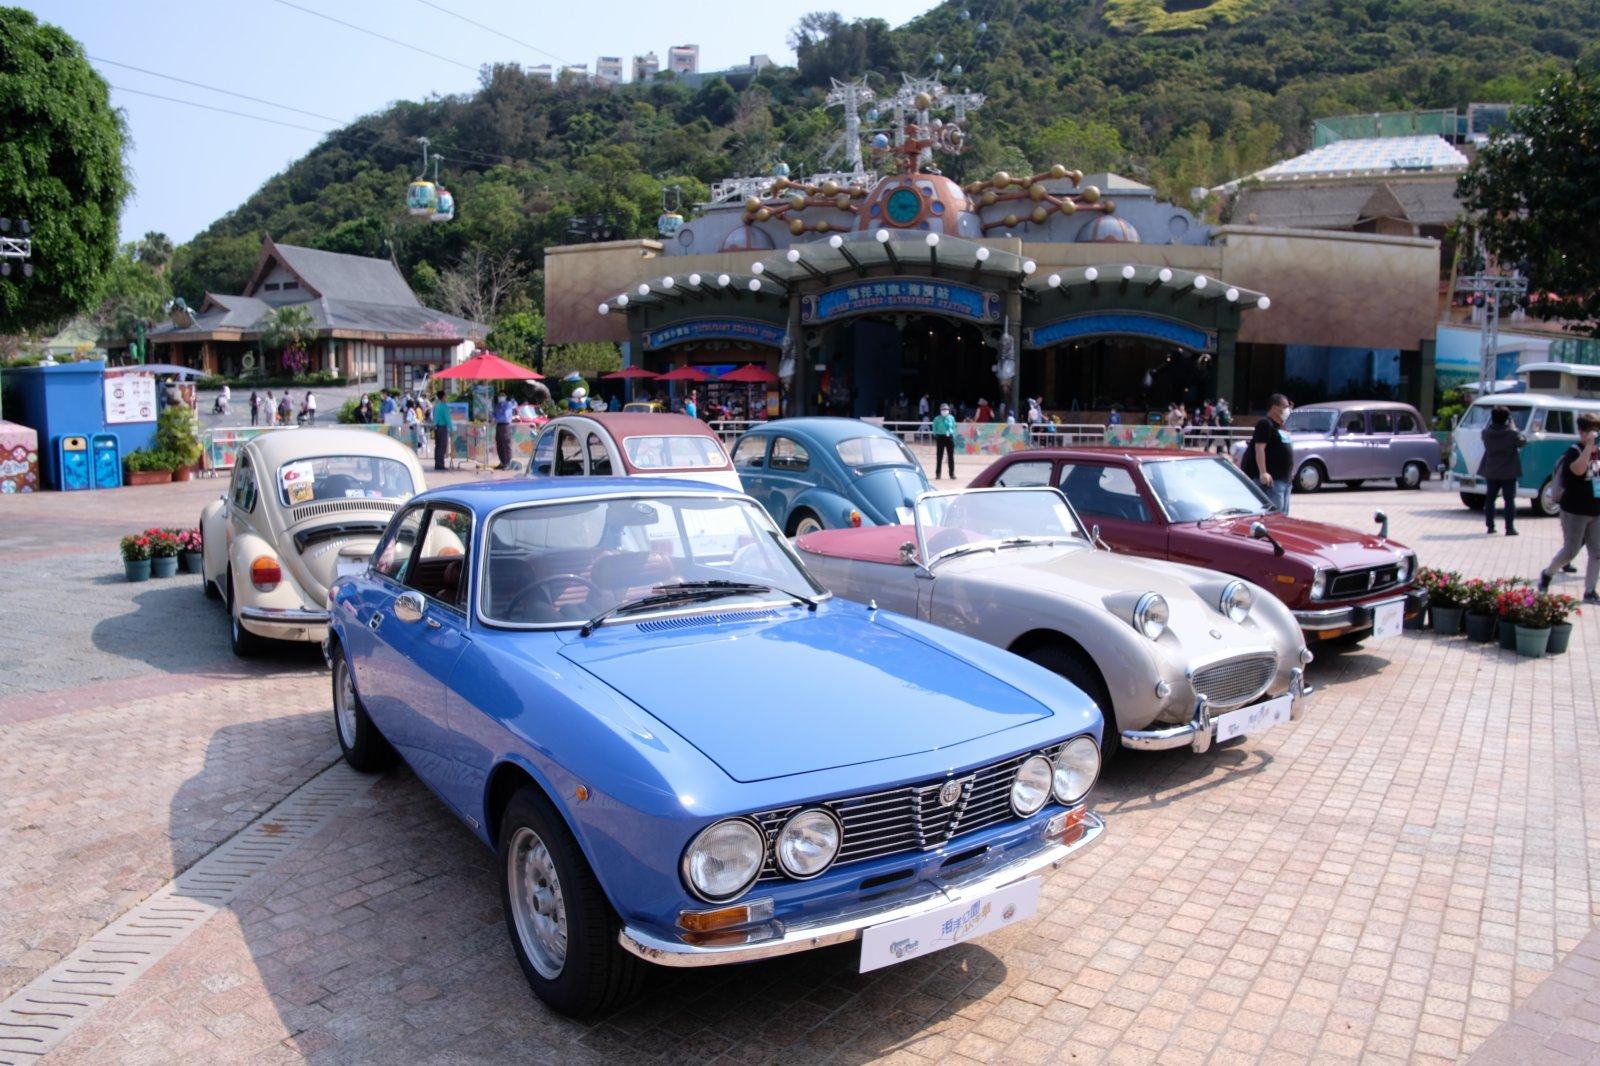 海濱樂園廣場將有超過15架老爺車列隊,當中包括多架特色迷你車、古董跑車及越野車等。